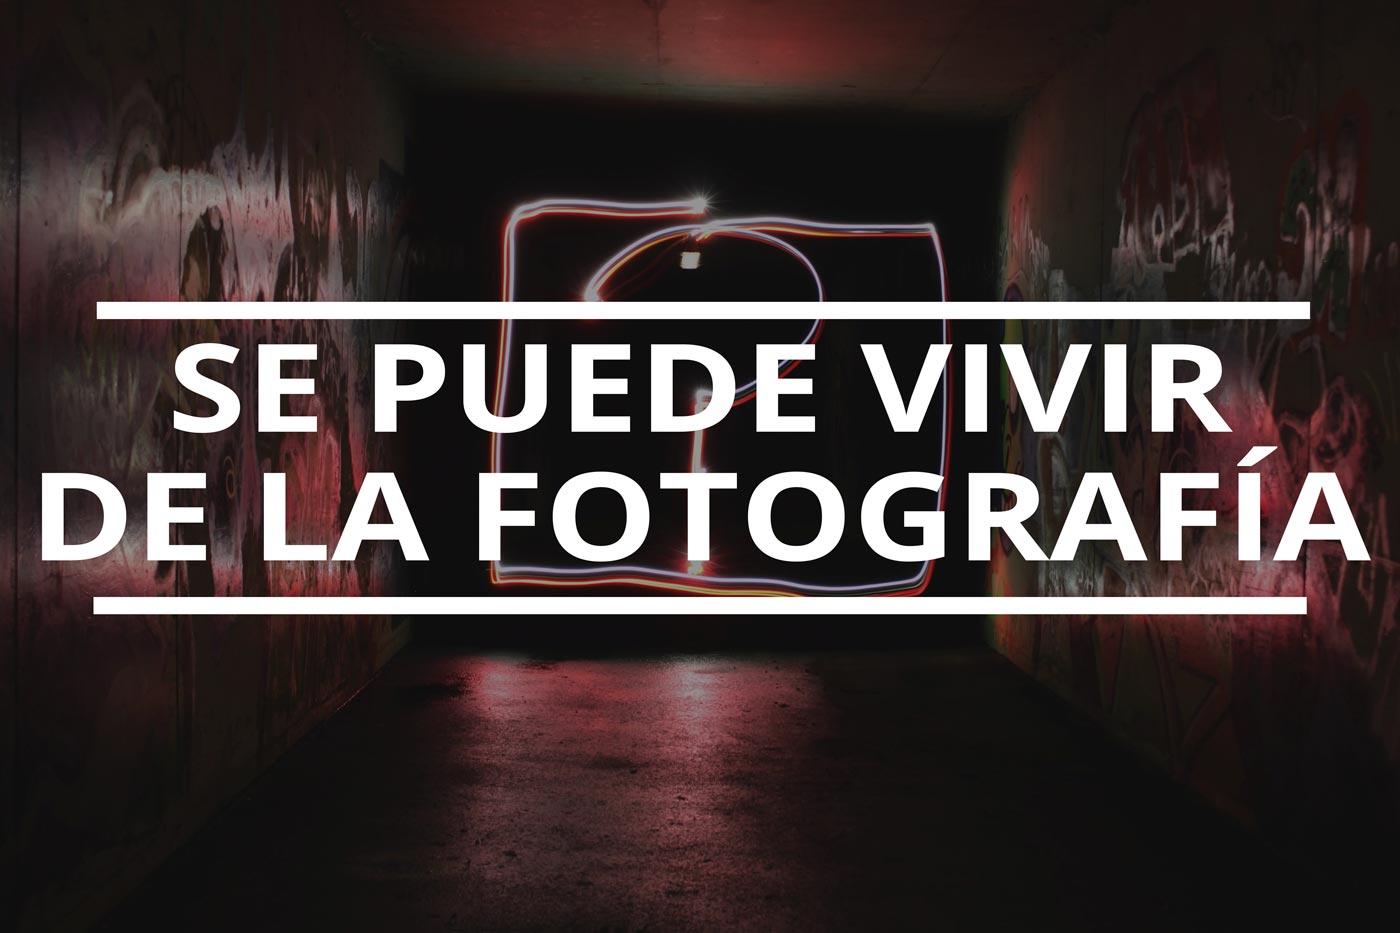 se puede vivir de la fotografía